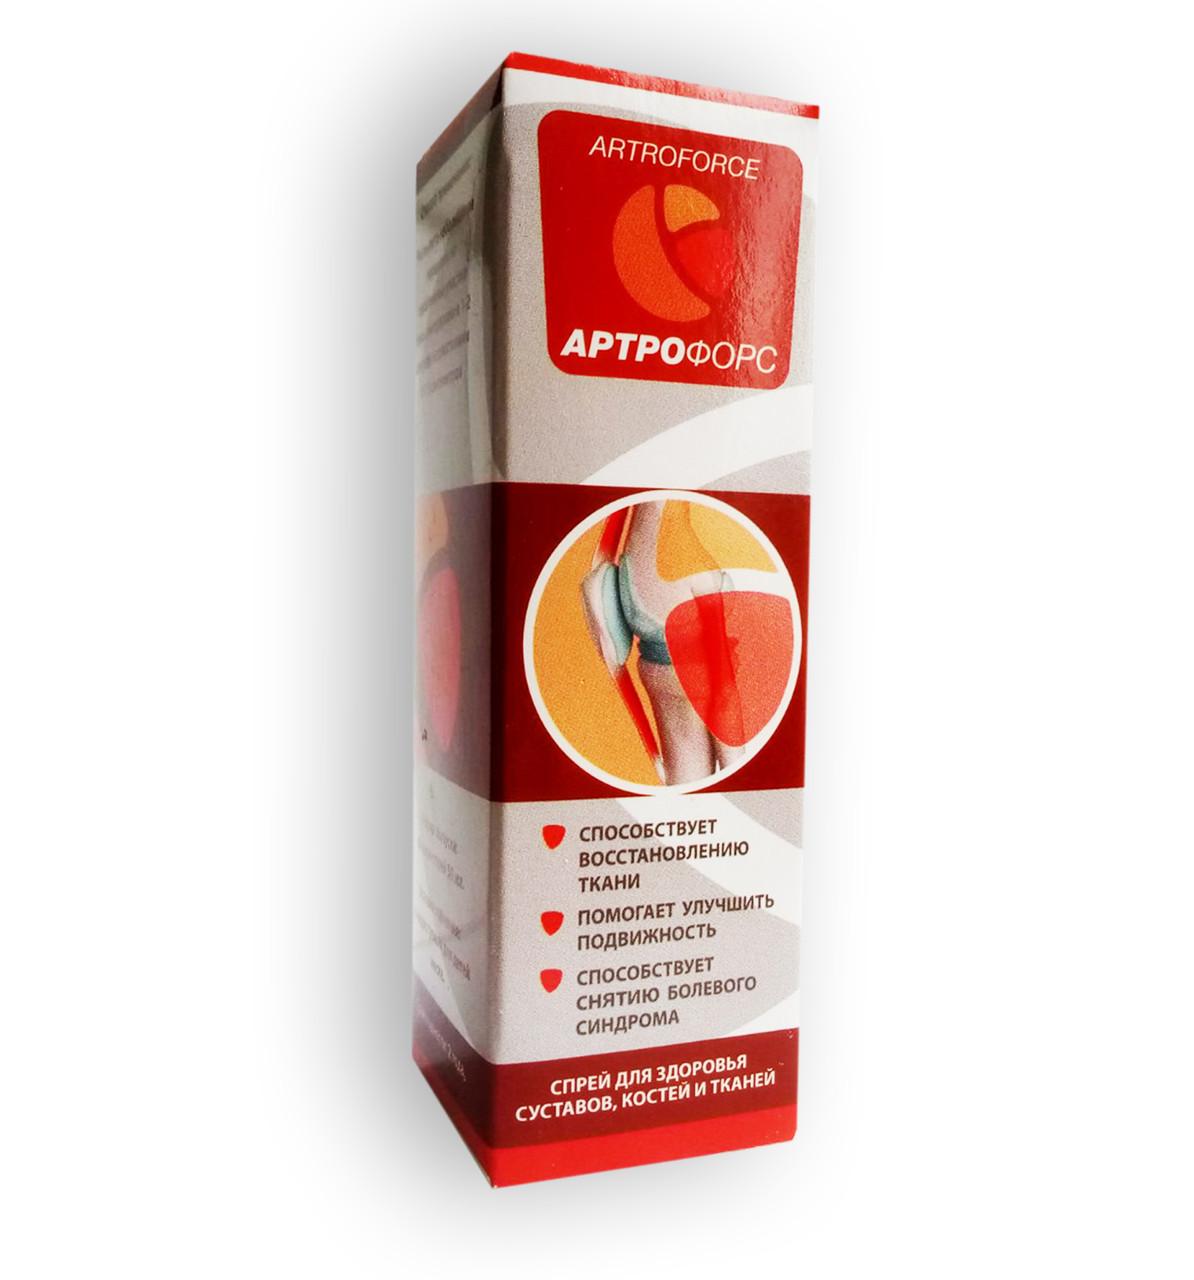 Артрофорс спрей для здоровья суставов, костей и тканей